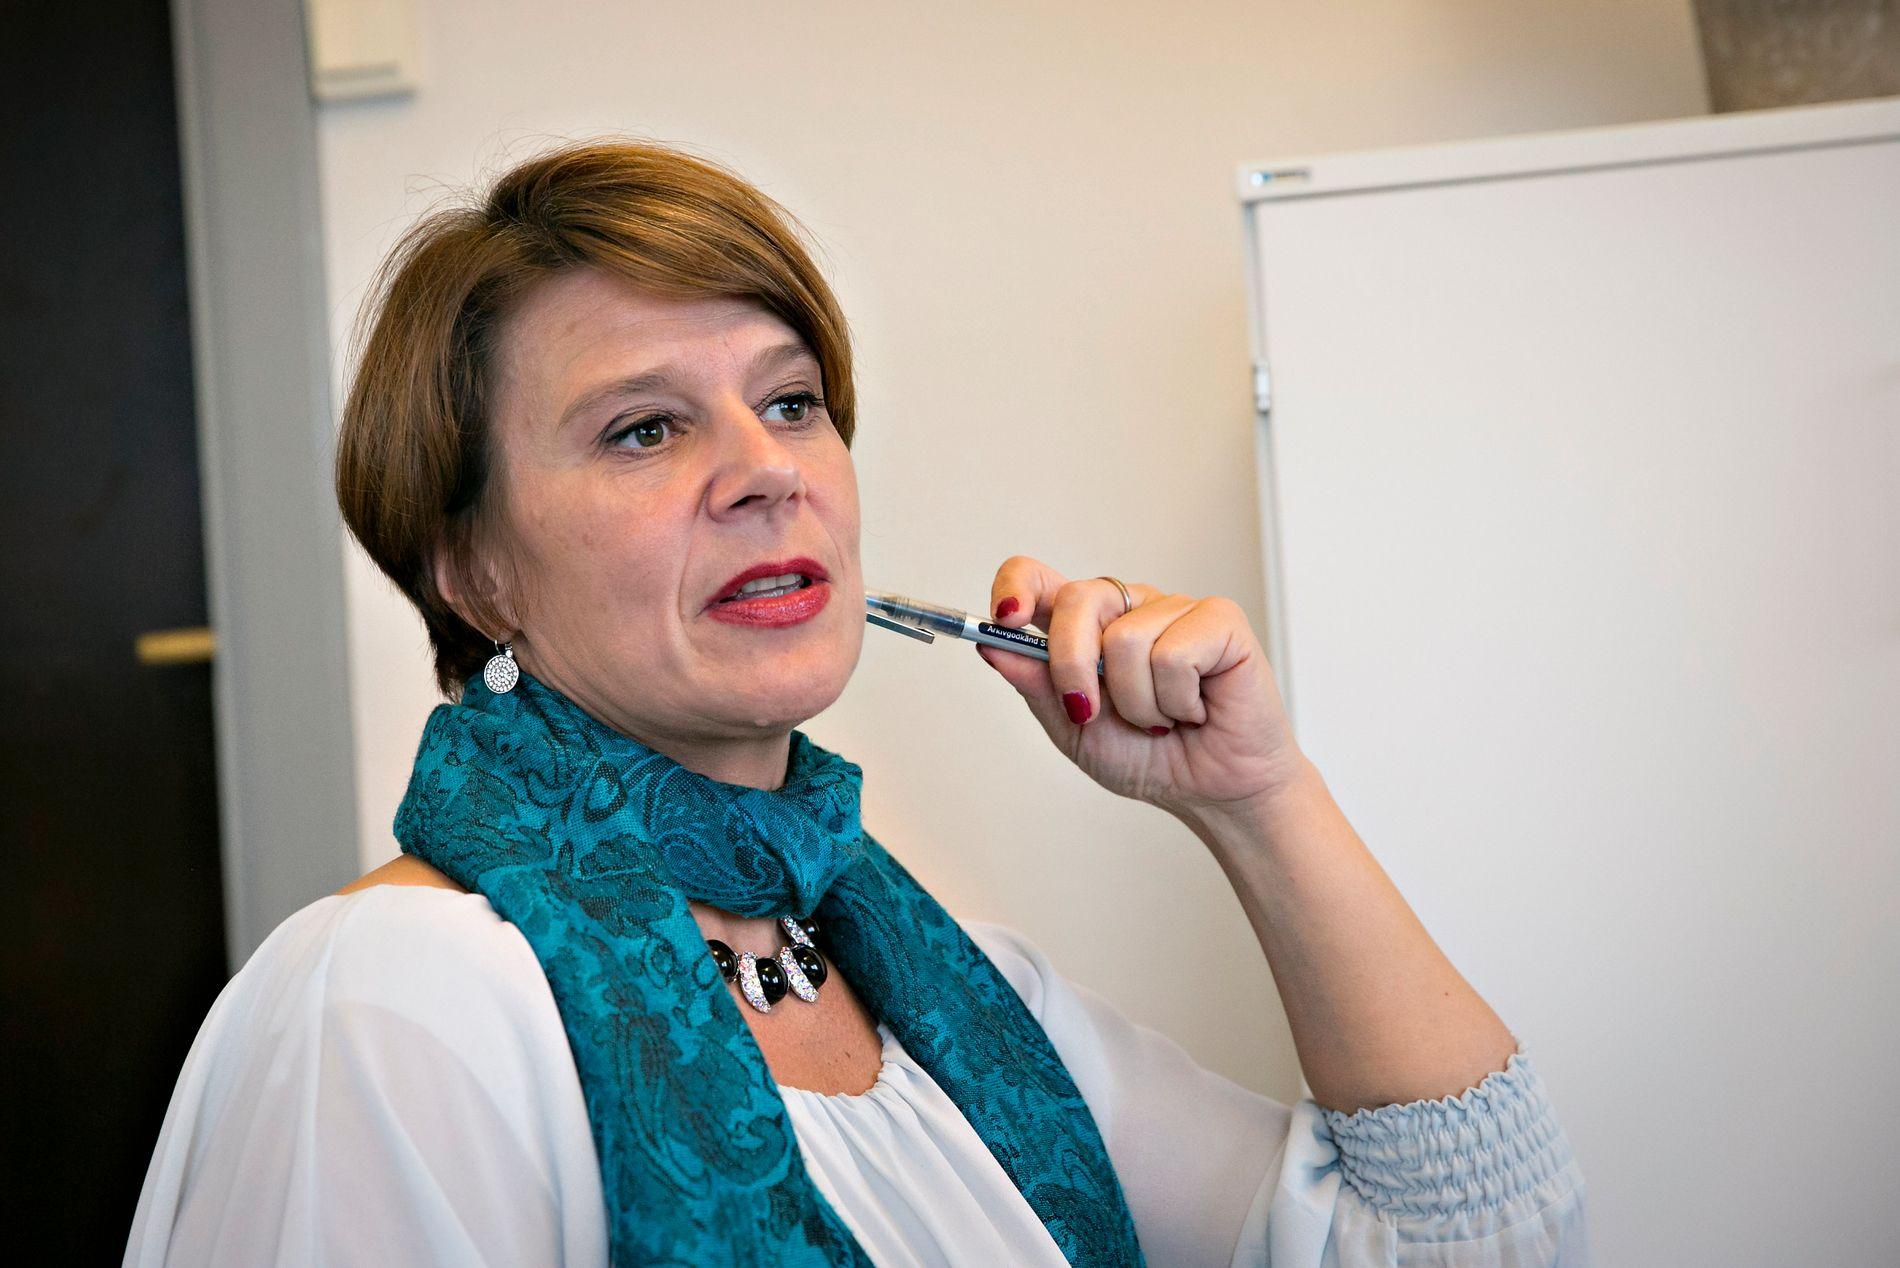 STØTTER THORKILDSEN: Tidligere utdanningsbyråd i Oslo Tone Tellevik Dahl (Ap) sier også hun hadde samarbeidsutfordringer med Utdanningsetaten i hovedstaden.